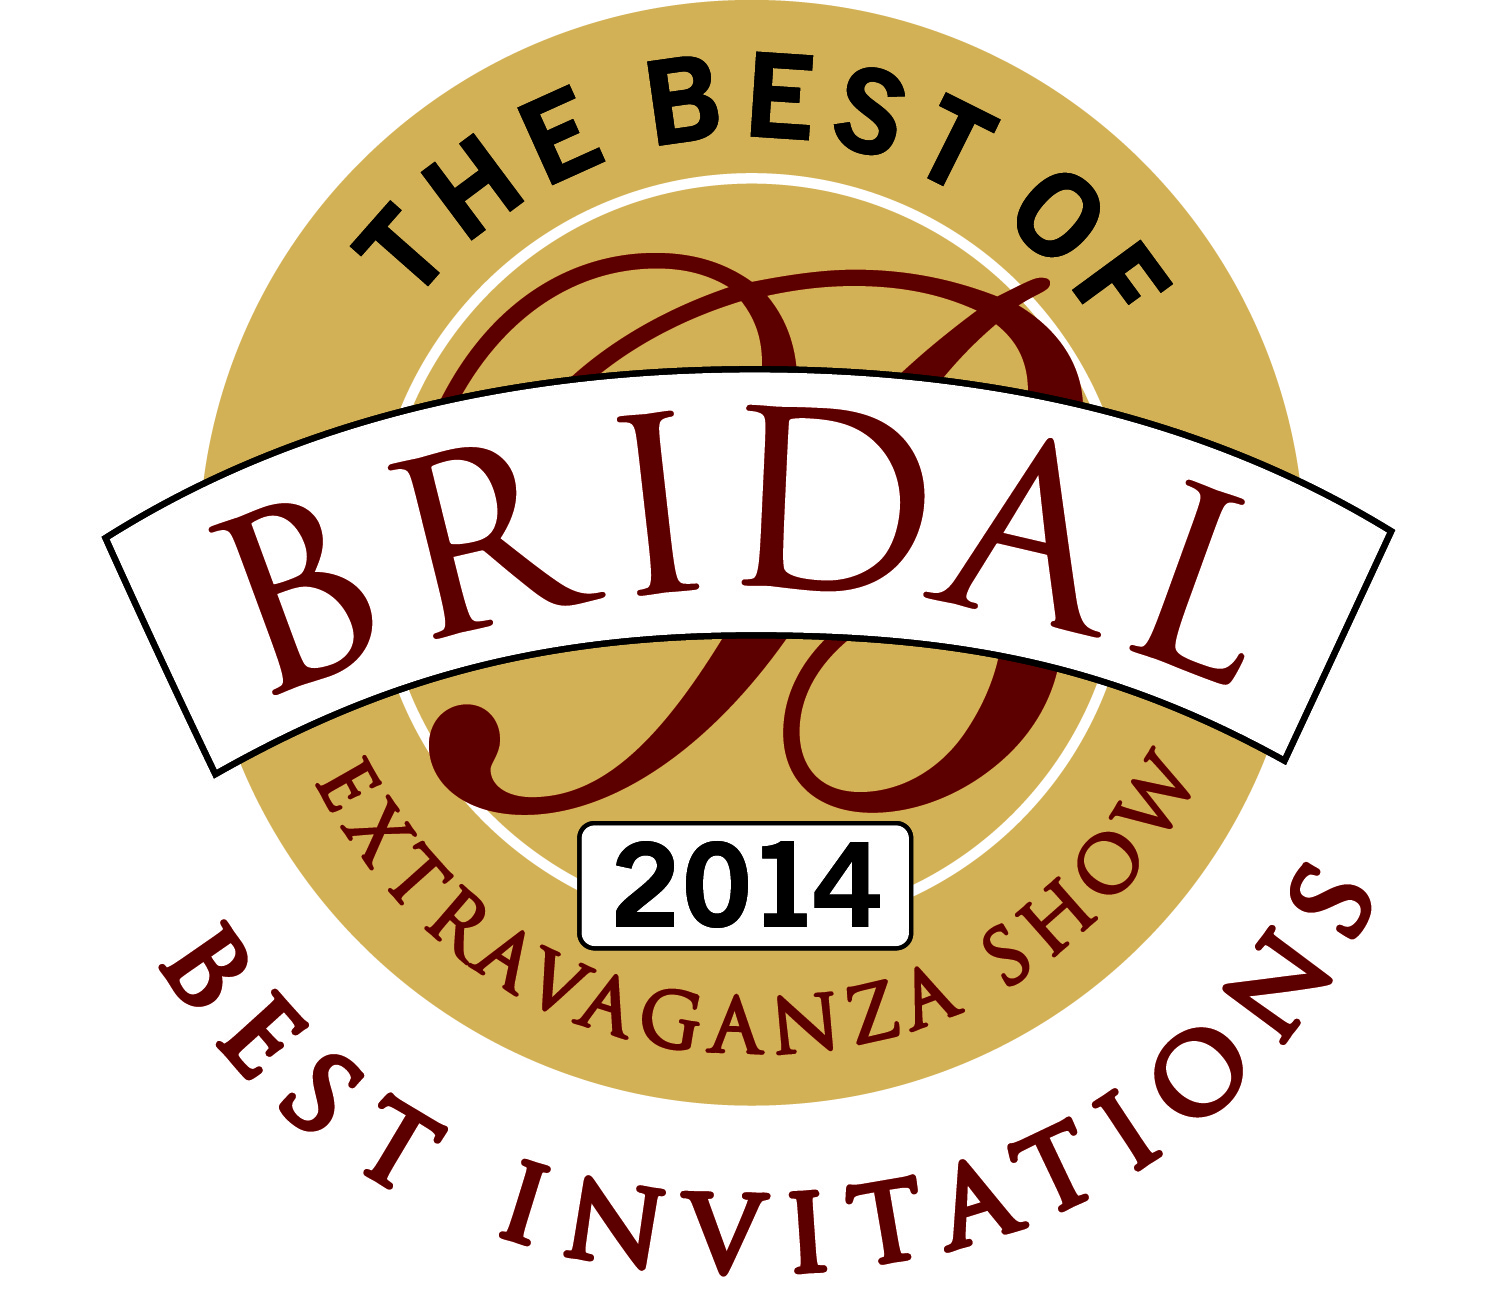 awards-bes-2014